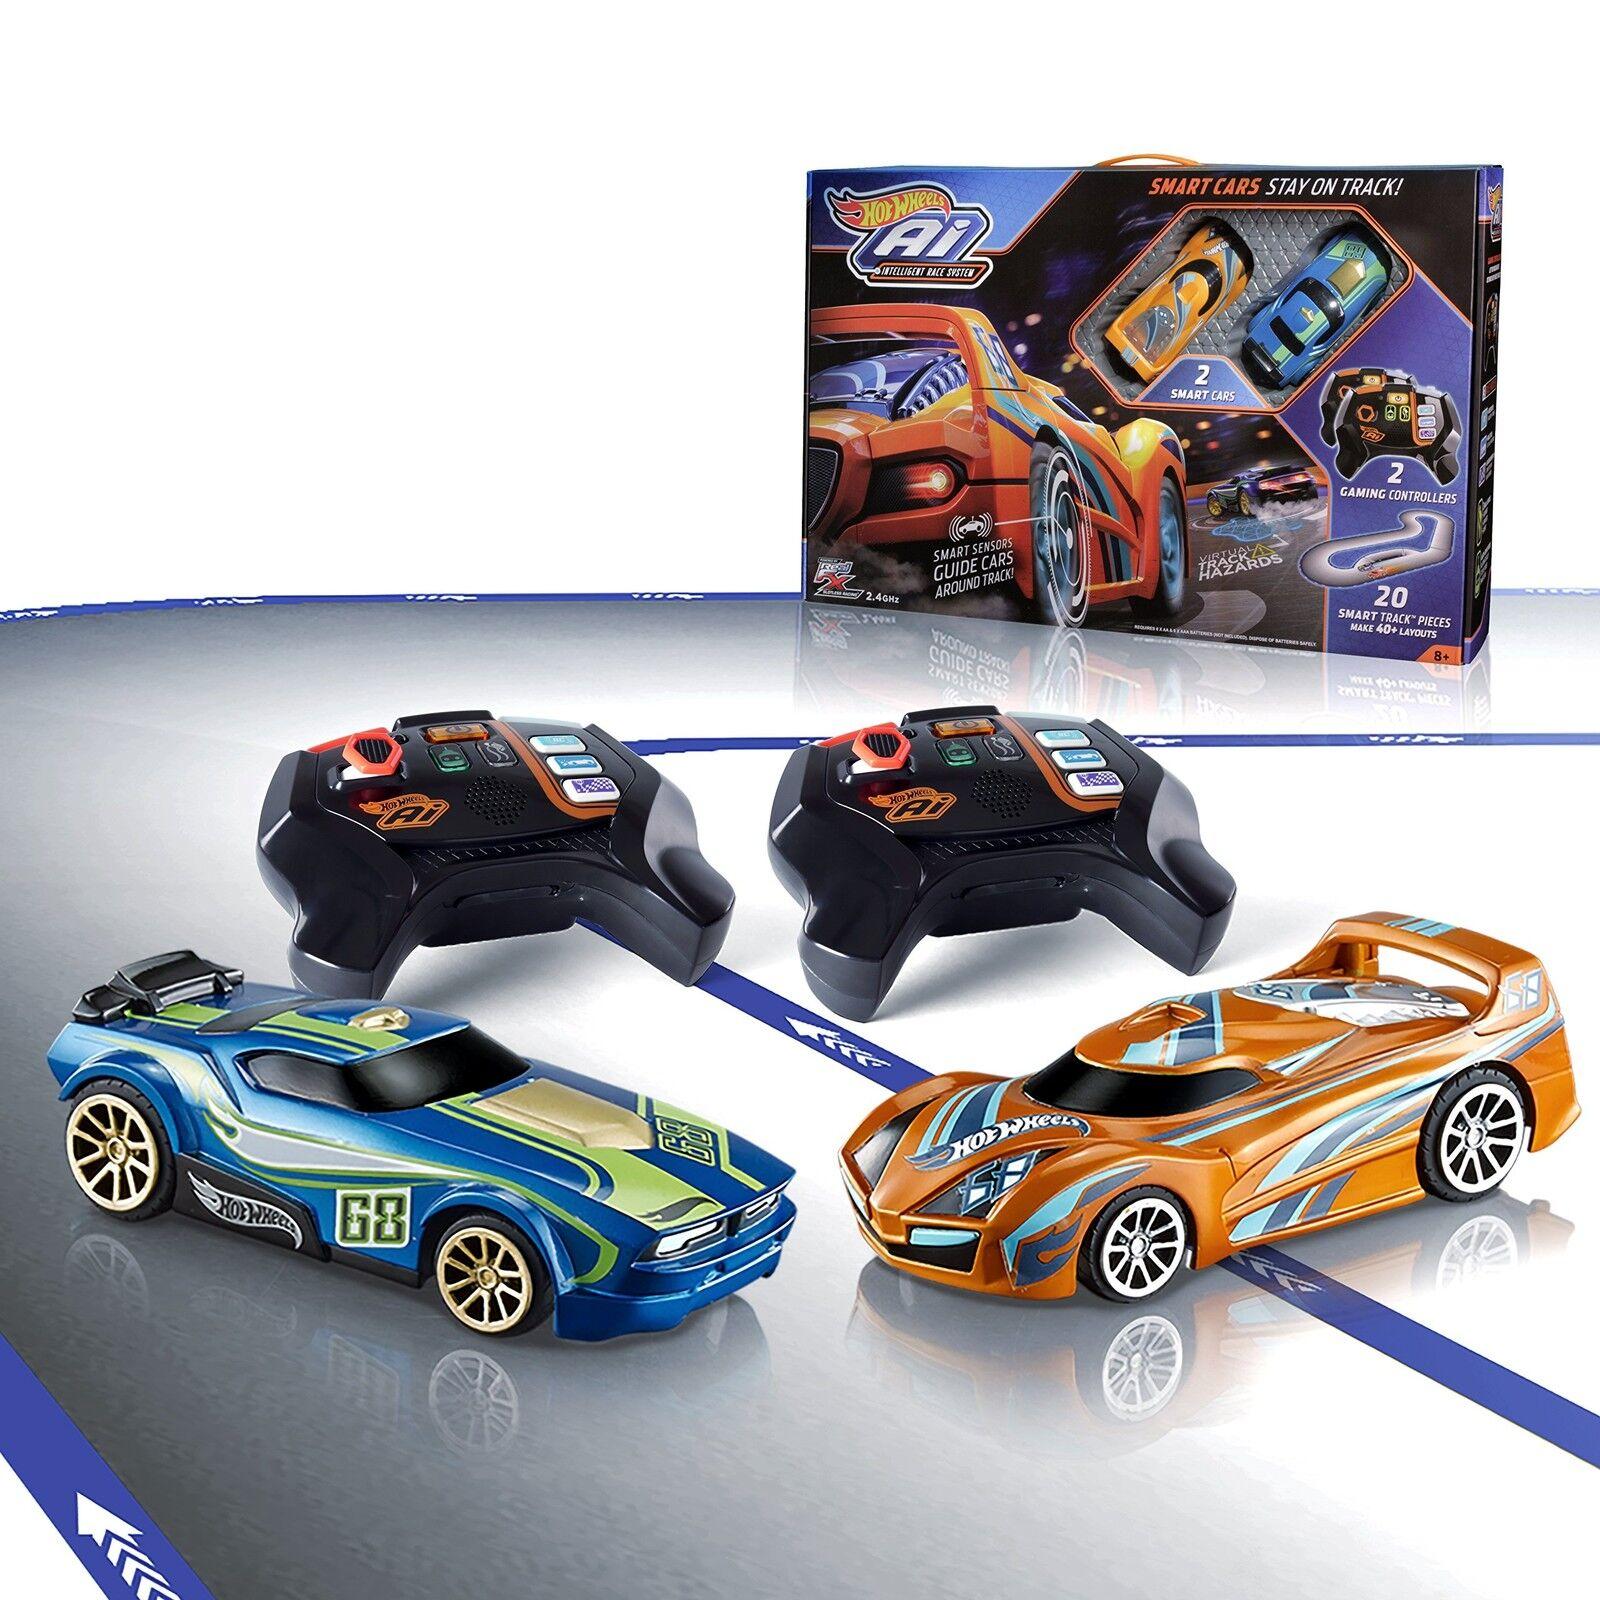 Hot wheels ki intelligente rasse system starter kit